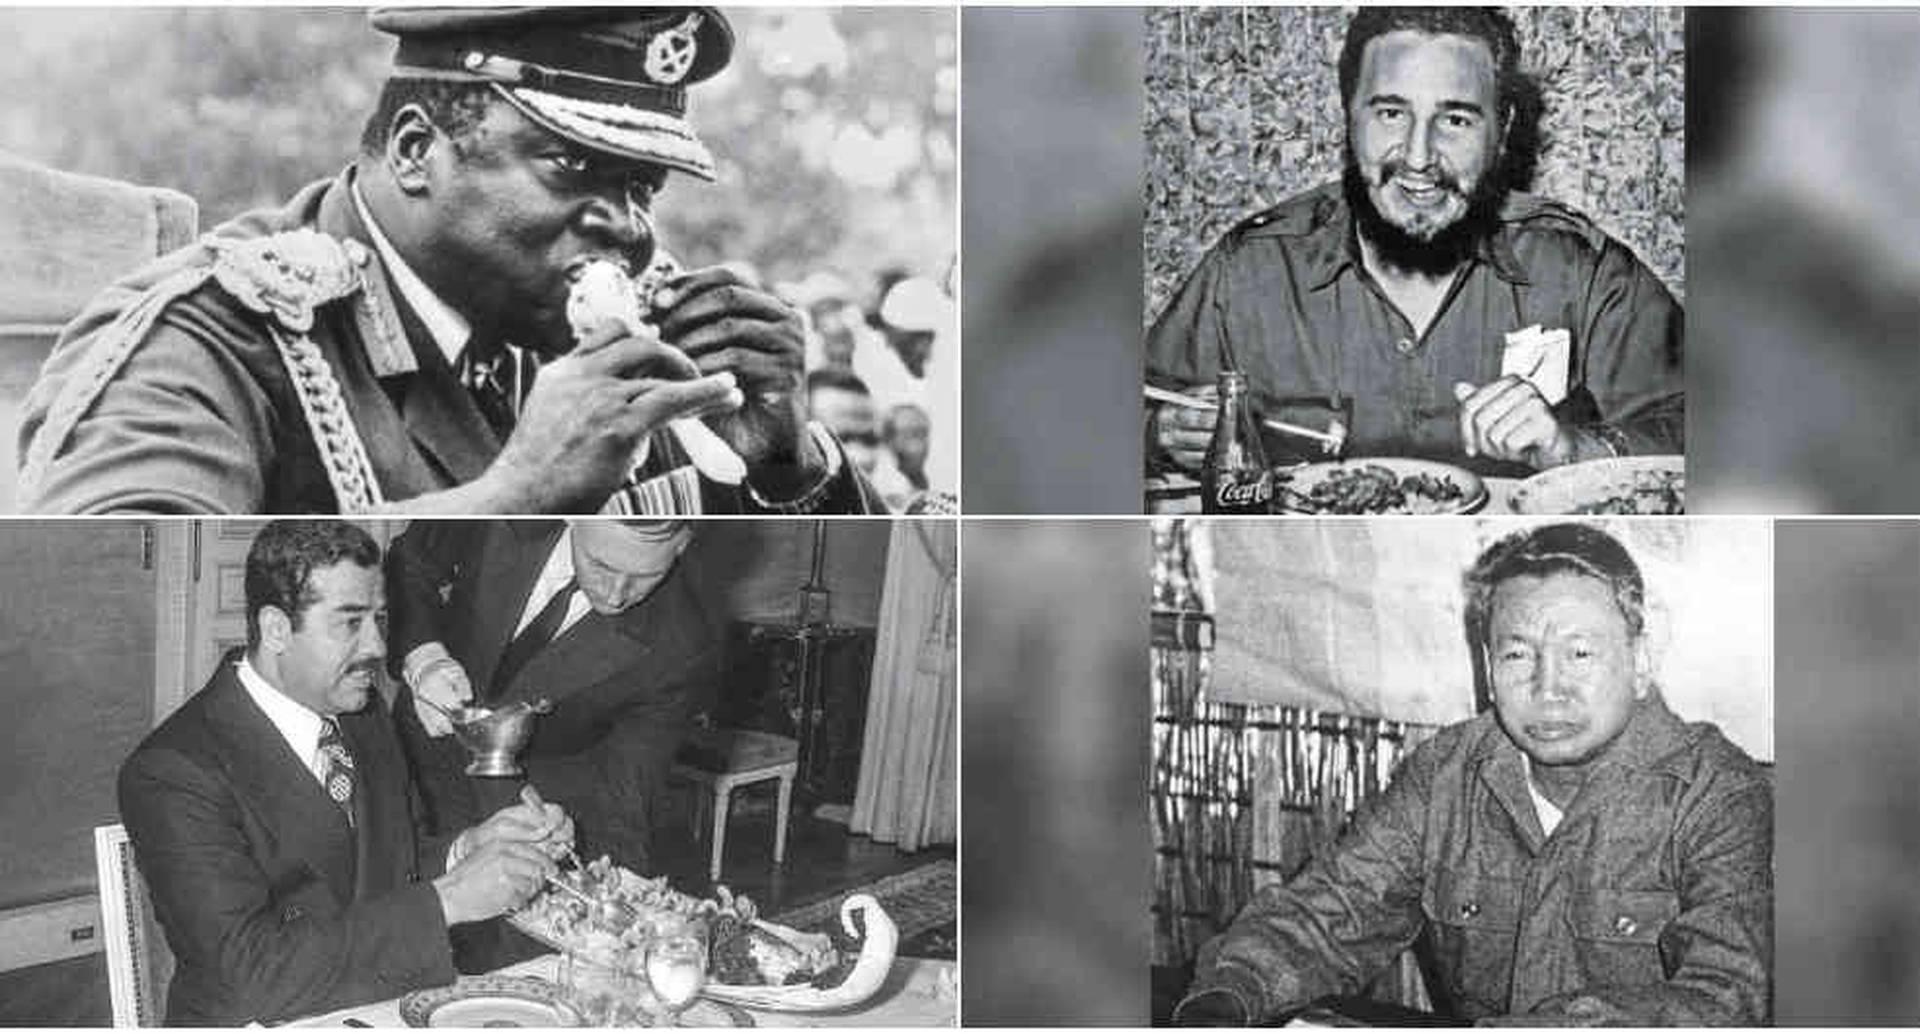 Un libro explica qué comían Idi Amin Dada, Fidel Castro, Saddam Hussein y Pol Pot.